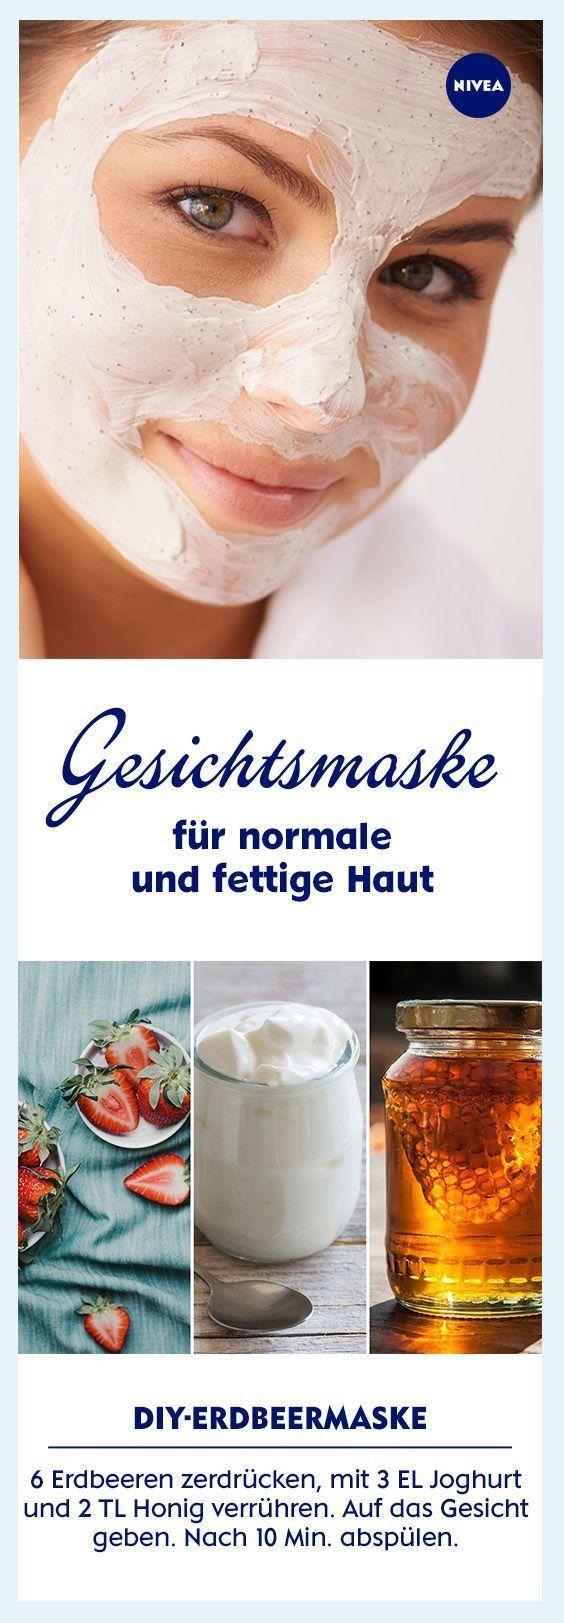 Gesichtsmaske selber machen: Erdbeeren, Joghurt und Honig mixen, auftragen und f… 12c3700cb214b83a7843f533a54bcace